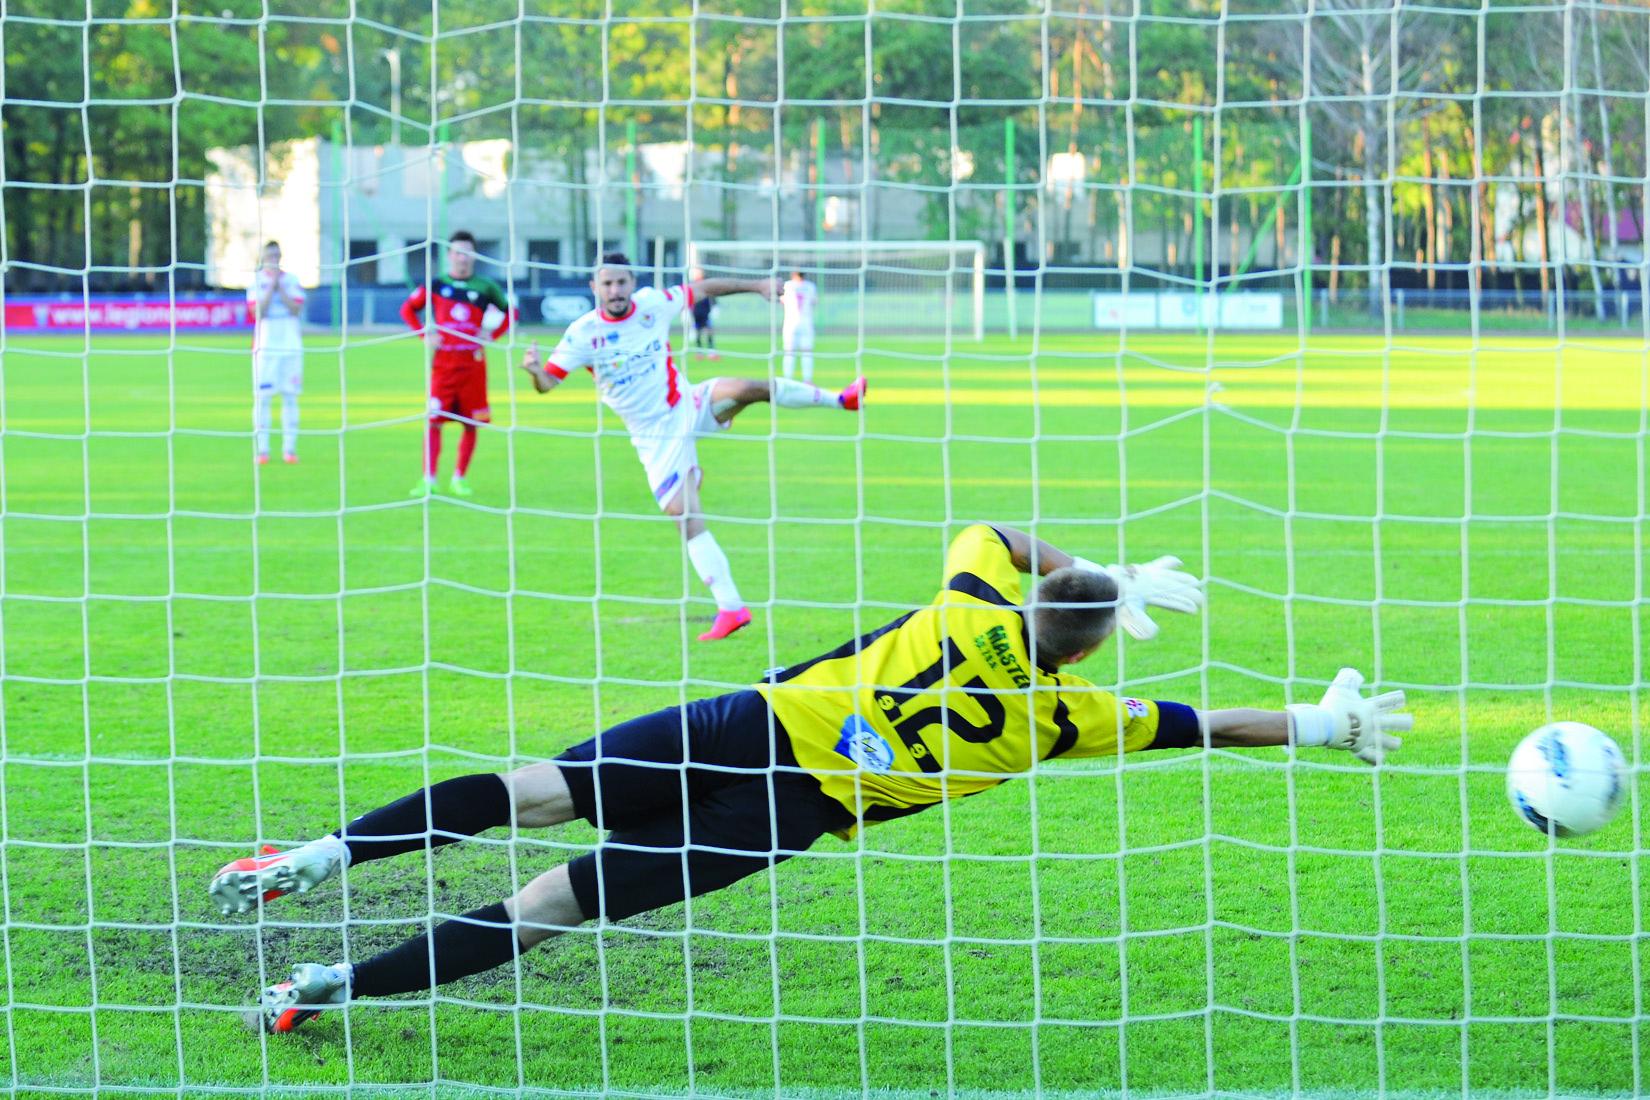 Mariusz Zawodziński wytrzymał presję zdobywając z rzutu karnego zwycięskiego gola dla Legionovii.